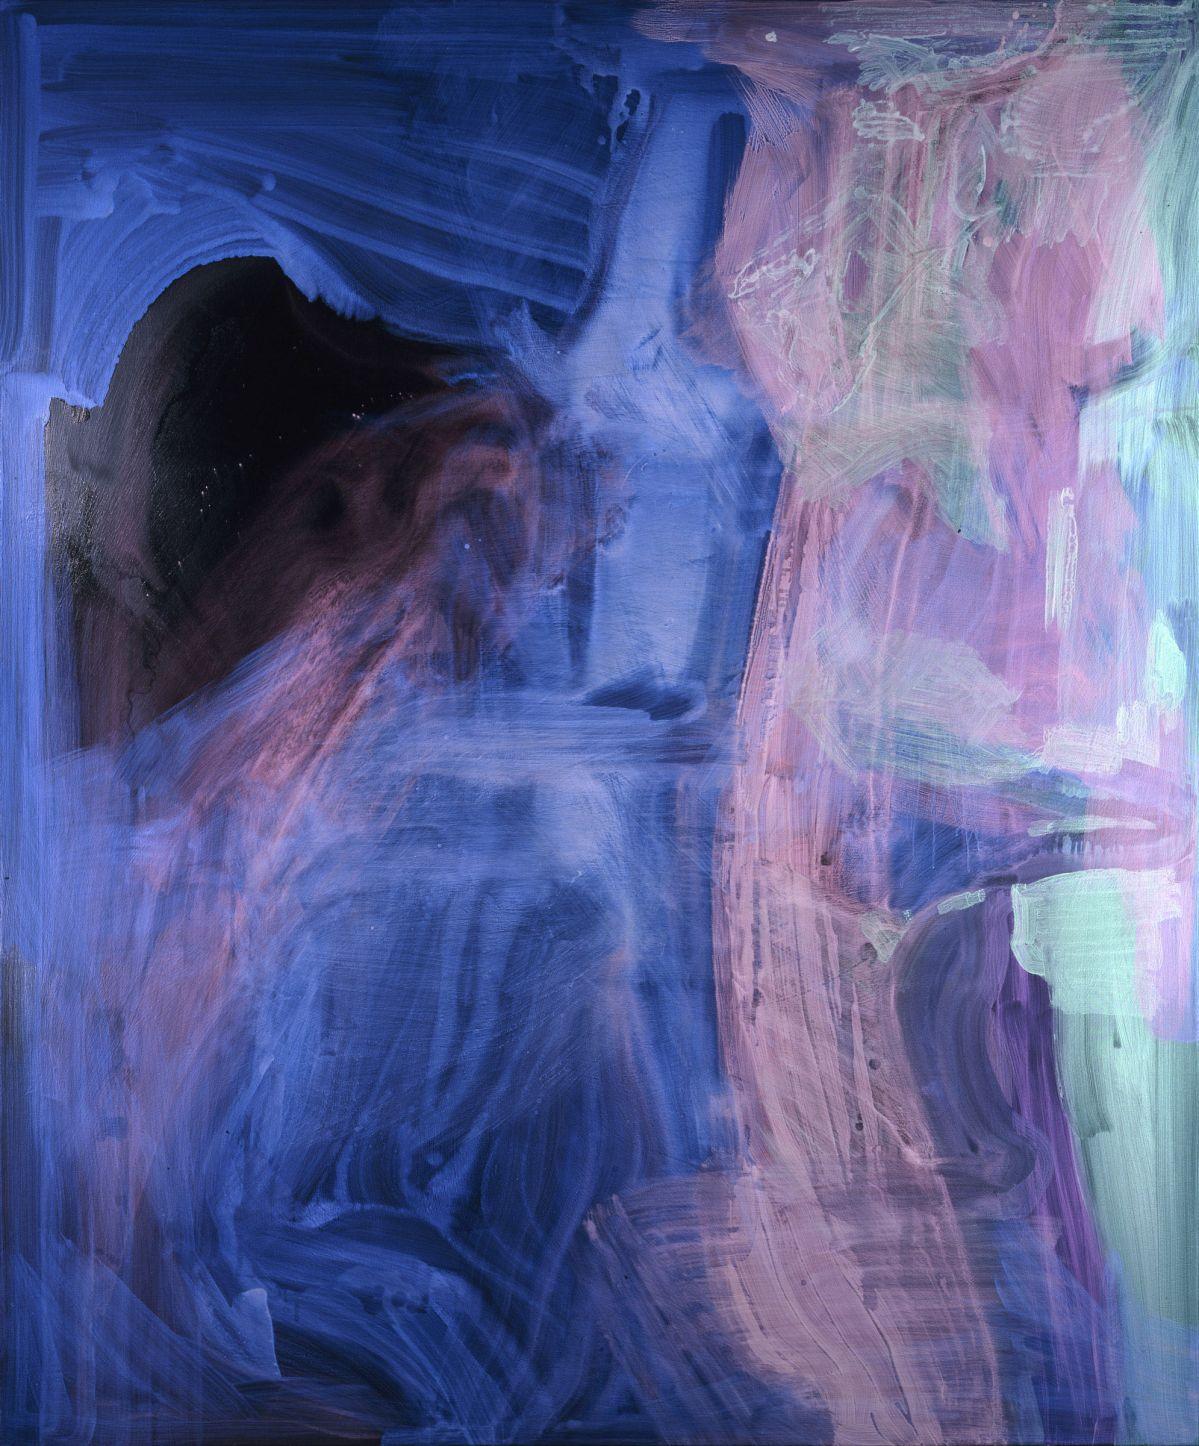 Sigmar Polke – Untitled, 2007 - 00s. Collection Cranford - les années 2000 au MO.CO. Montpellier Techniques mixtes sur tissu, quatre parties. 240 x 200 cm each. © The Estate of Sigmar Polke, Cologne / Adagp, Paris, 2020